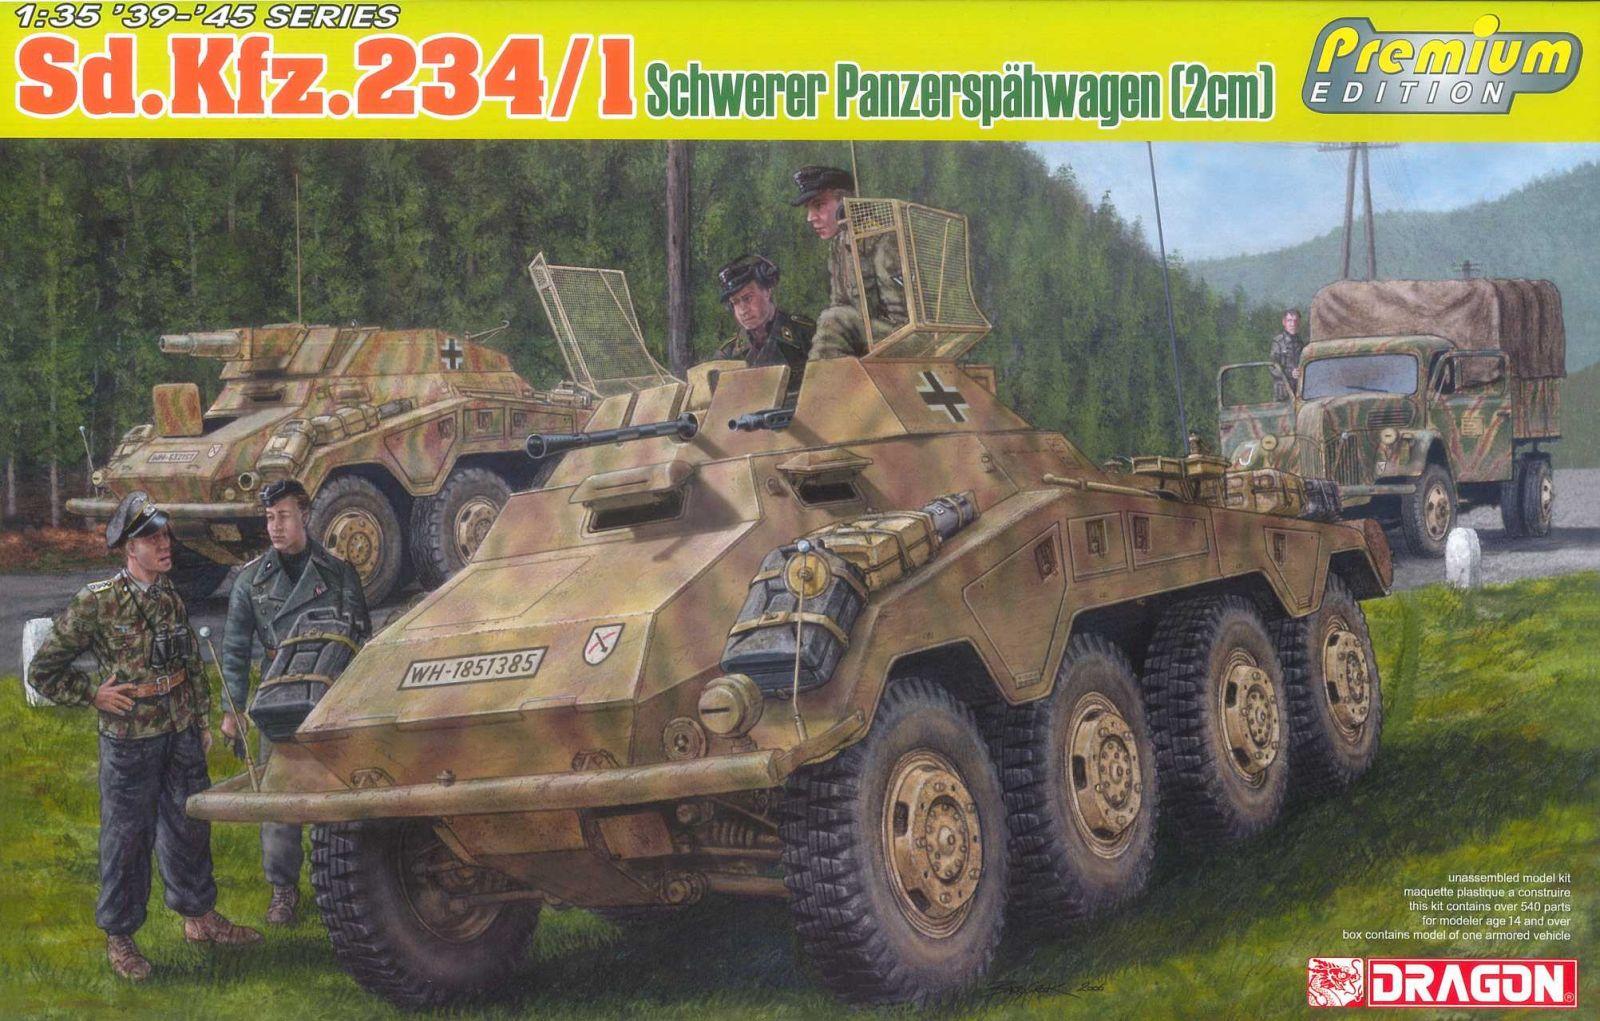 Model Kit military 6879 - Sd.Kfz.234/1 schwerer Panzerspähwagen (2cm) (1:35) Plastikové modely